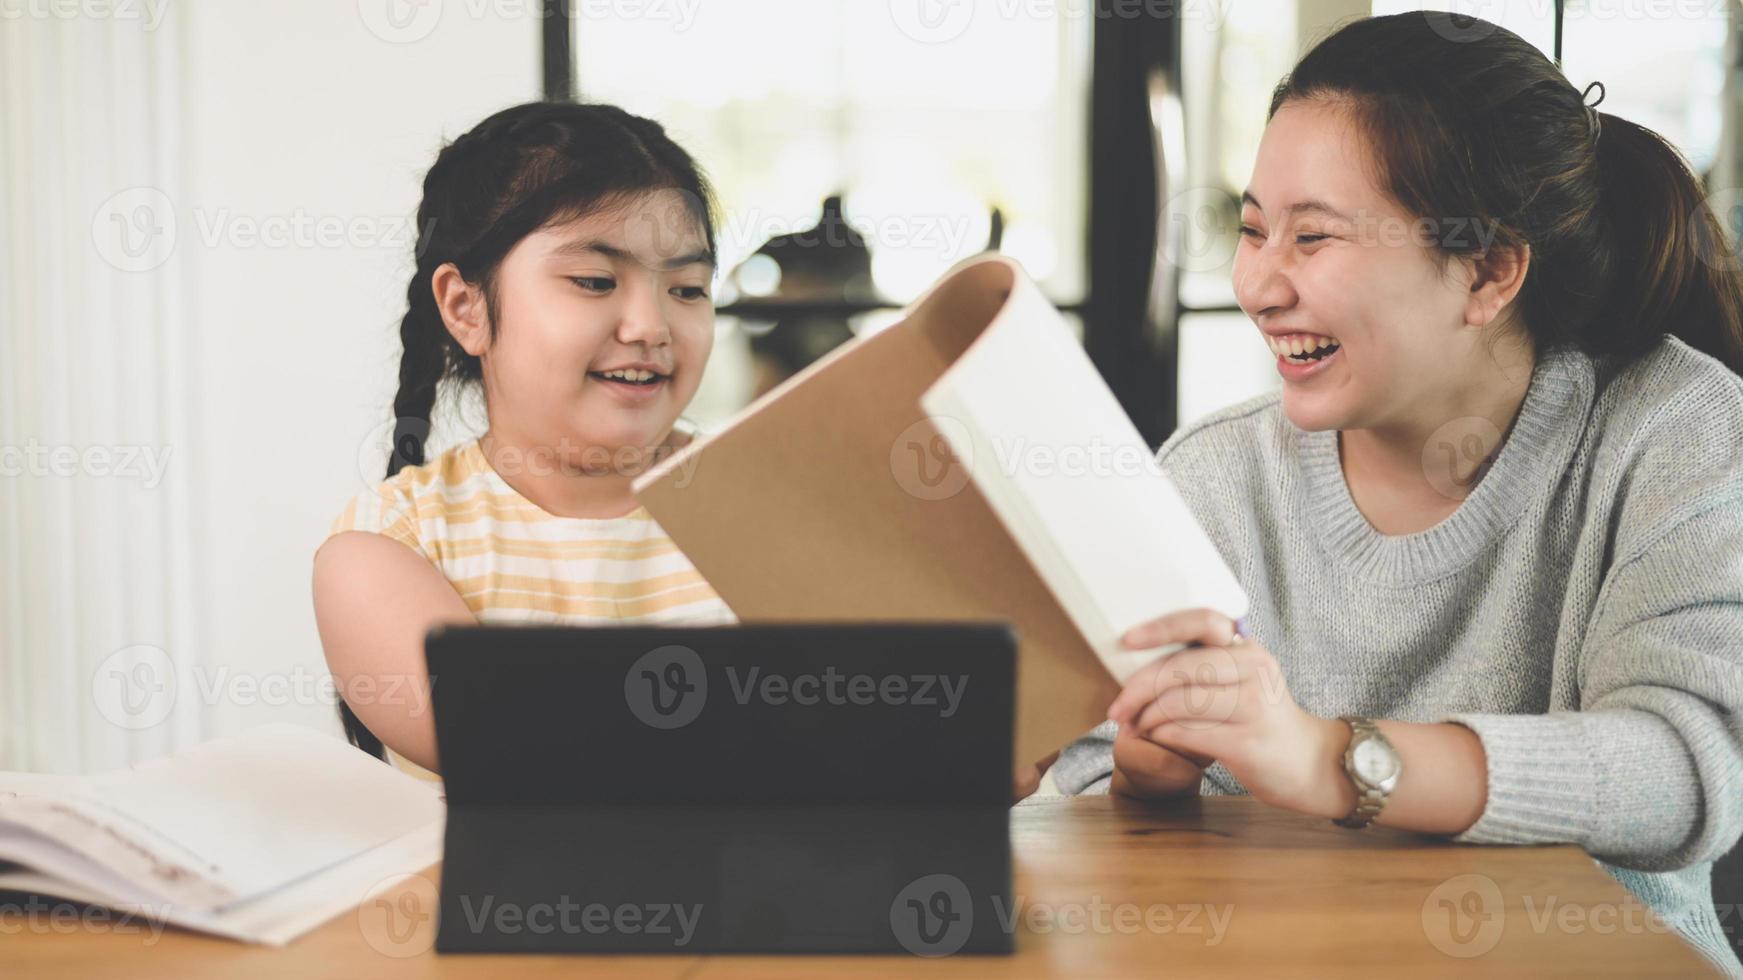 systrarna lärde systrarna att göra läxor hemma. foto